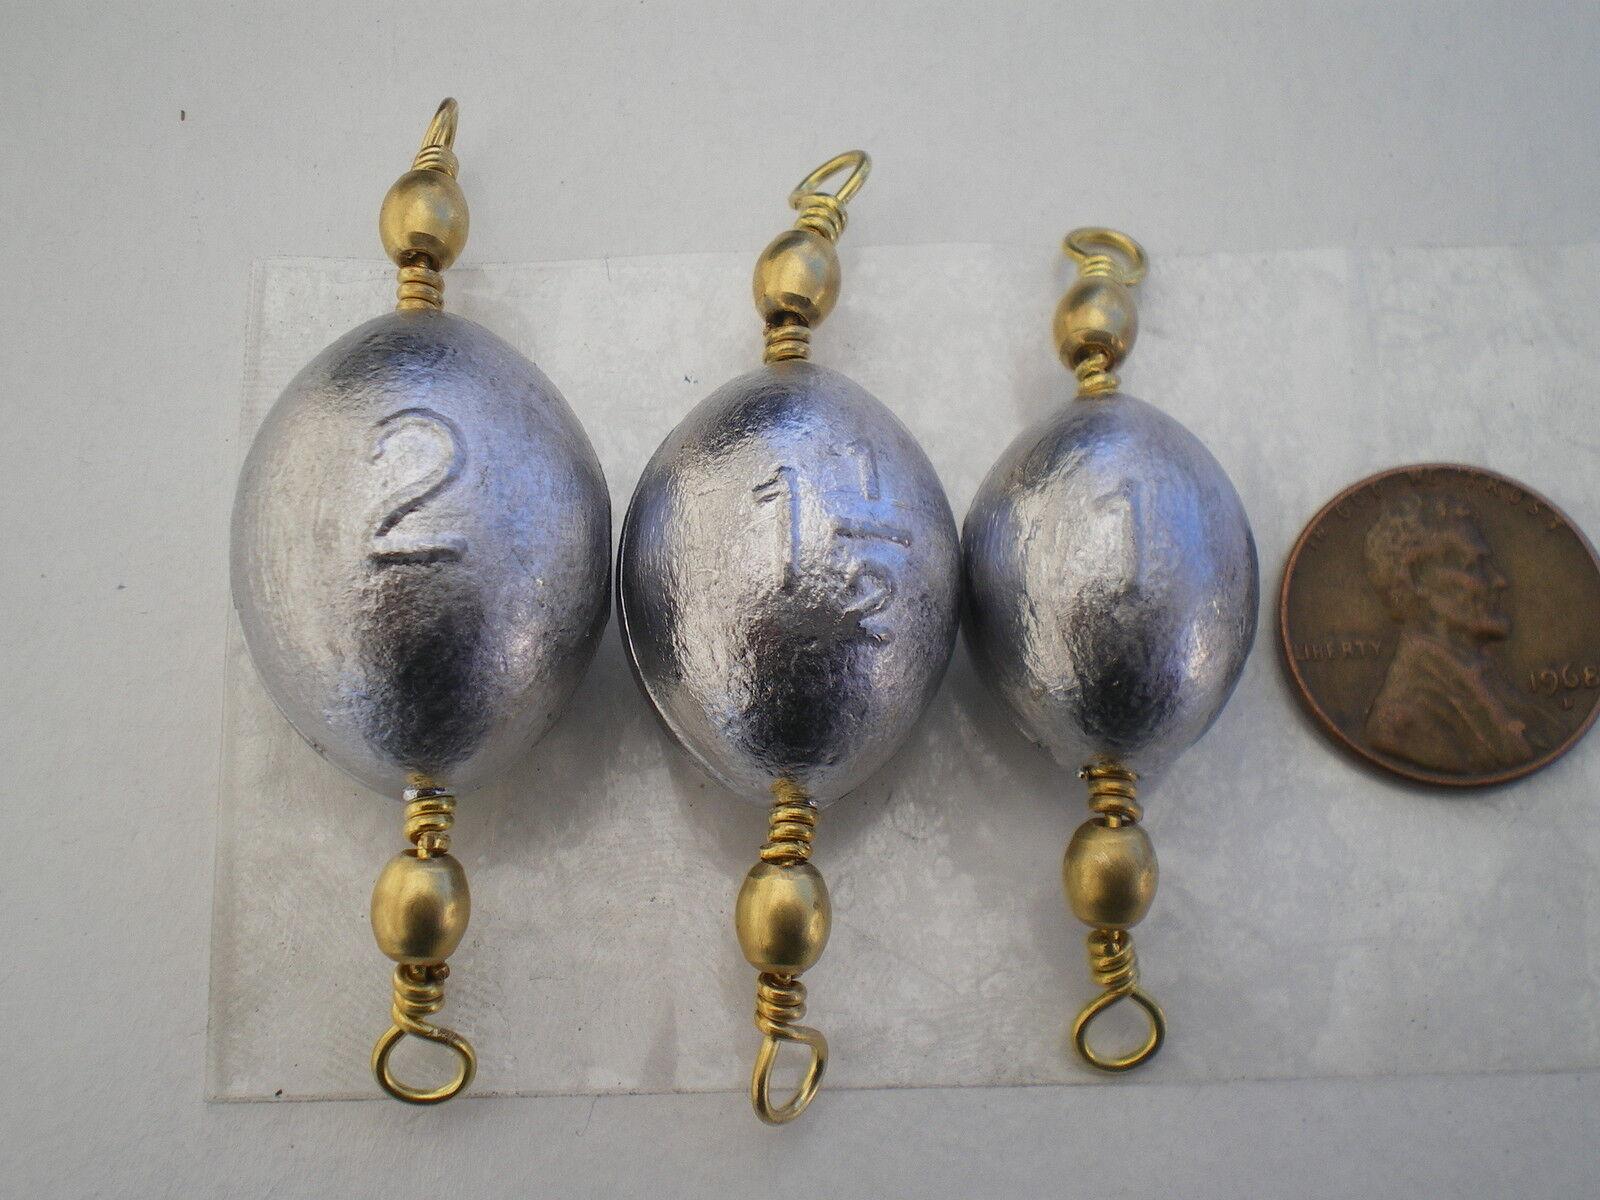 100 Piezas.  5 latón giratoria huevo plomos 1,1-1 2,2, Oz. elija cualquier Calidad  alargados